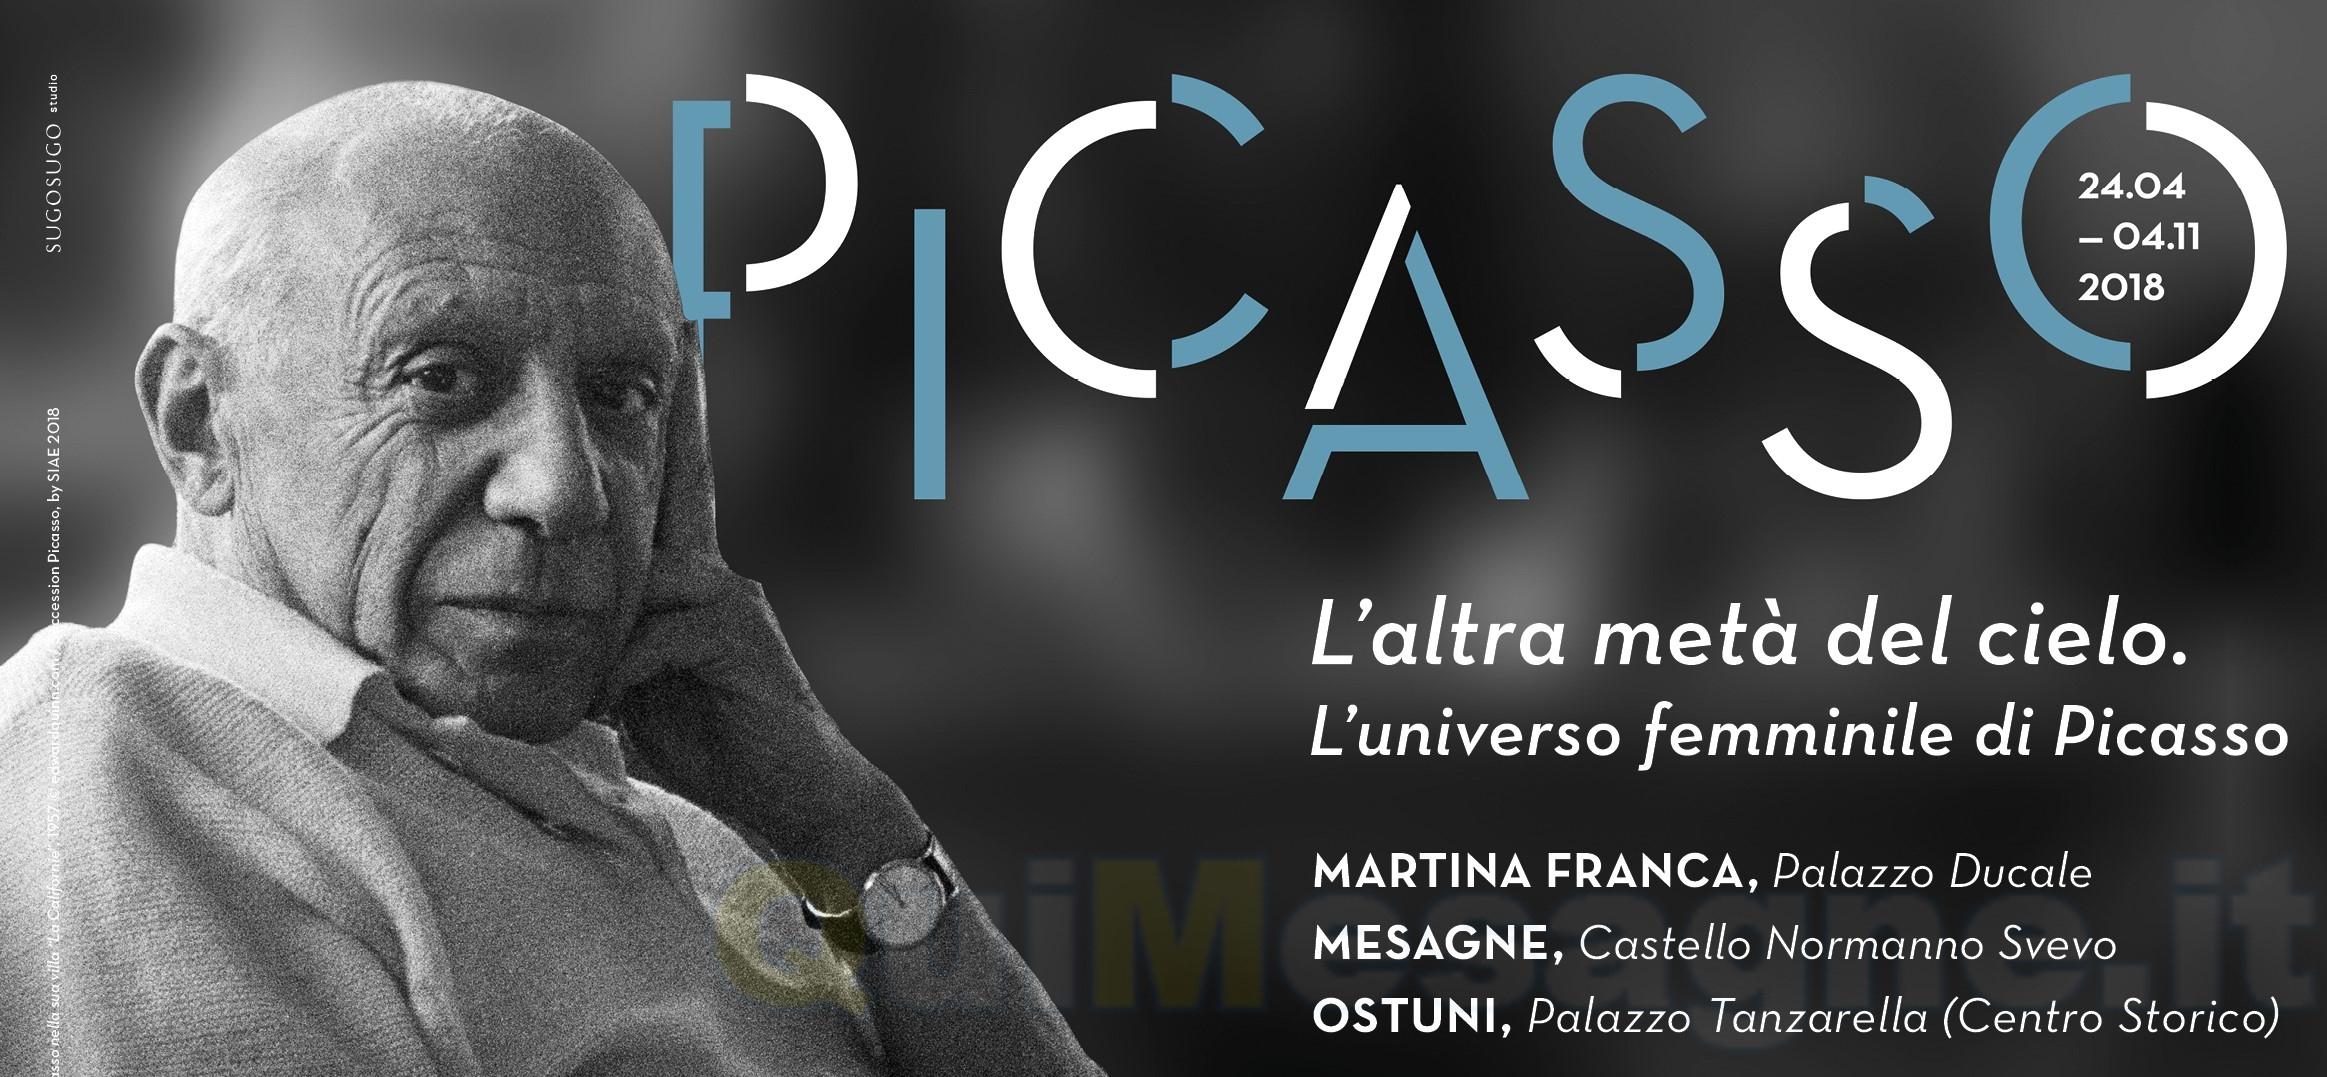 """Martedì 24 aprile inaugurazione al pubblico della mostra """"Picasso e l'altra metà del cielo"""""""